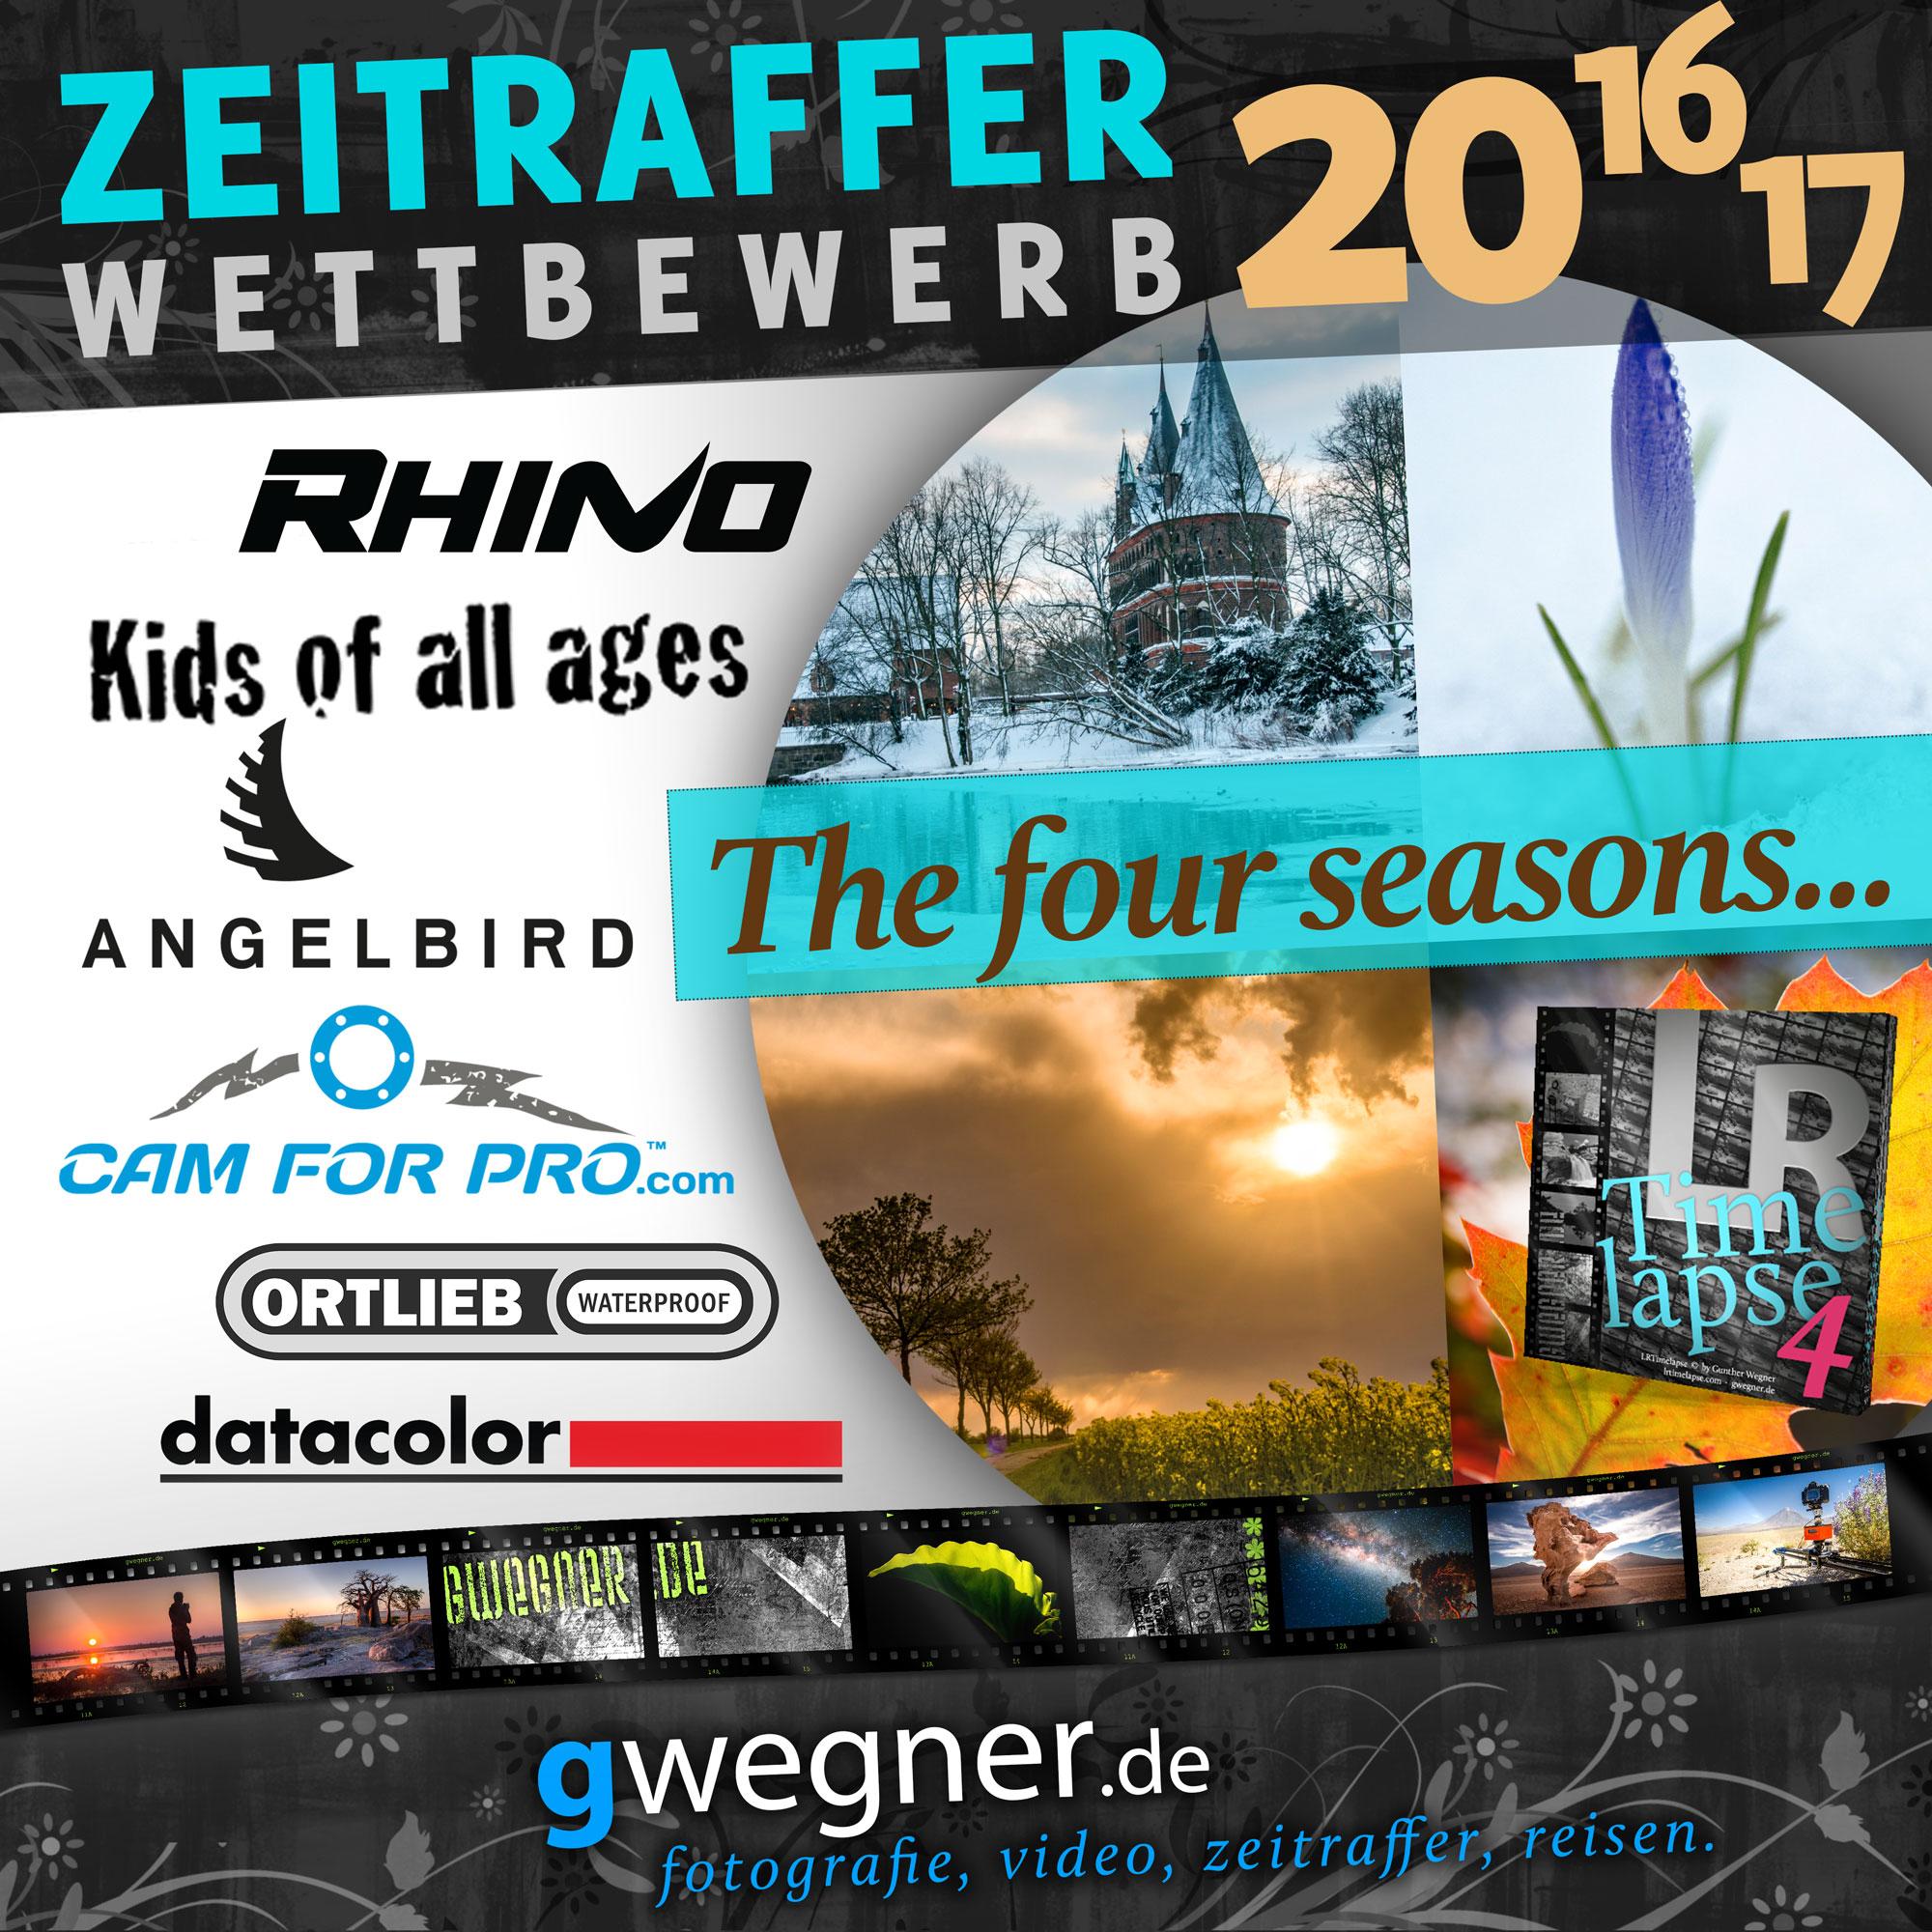 Zeitraffer Wettbewerb 2016/2017 - gwegner.de